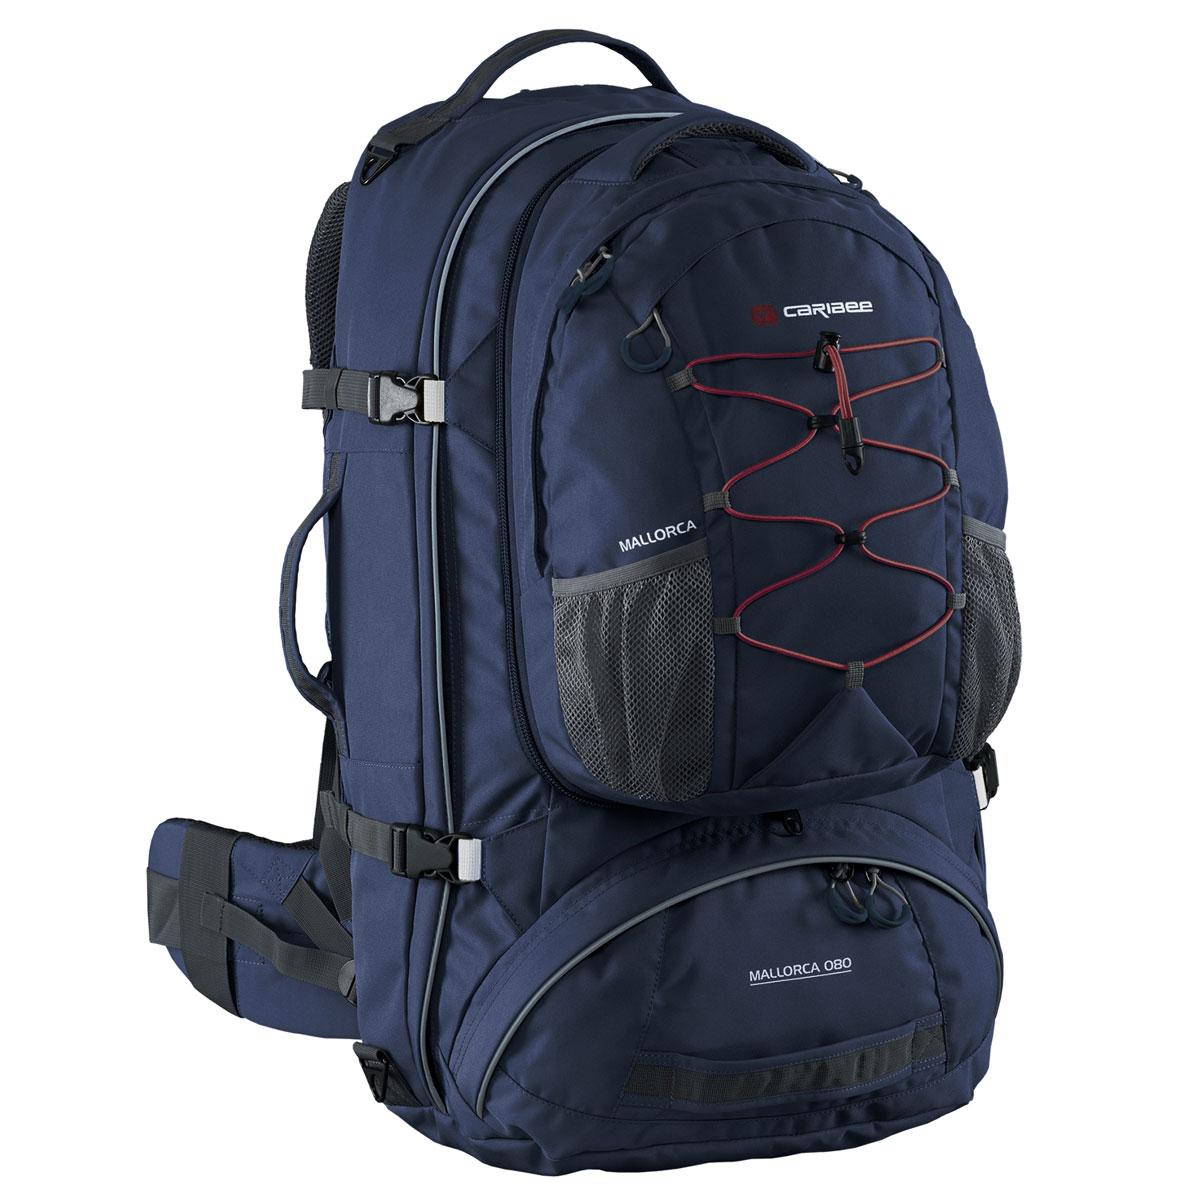 Рюкзак для путешествий Caribee  Mallorca , цвет: темно-синий, 70 л - Дорожные сумки